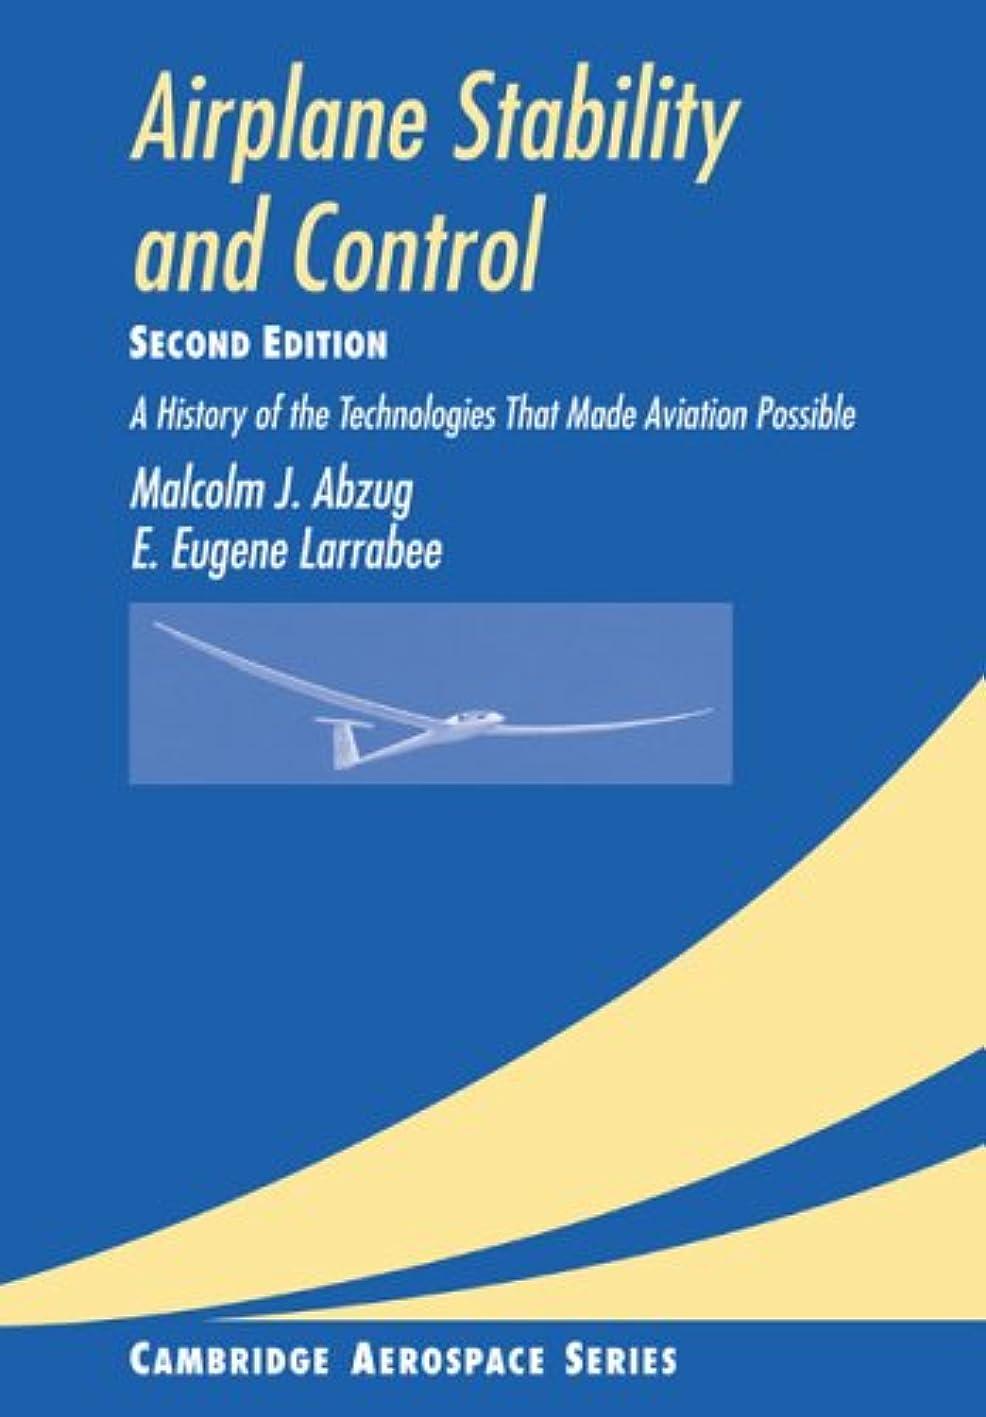 ドリル振動するメンターAirplane Stability and Control 2ed: A History of the Technologies that Made Aviation Possible (Cambridge Aerospace Series)